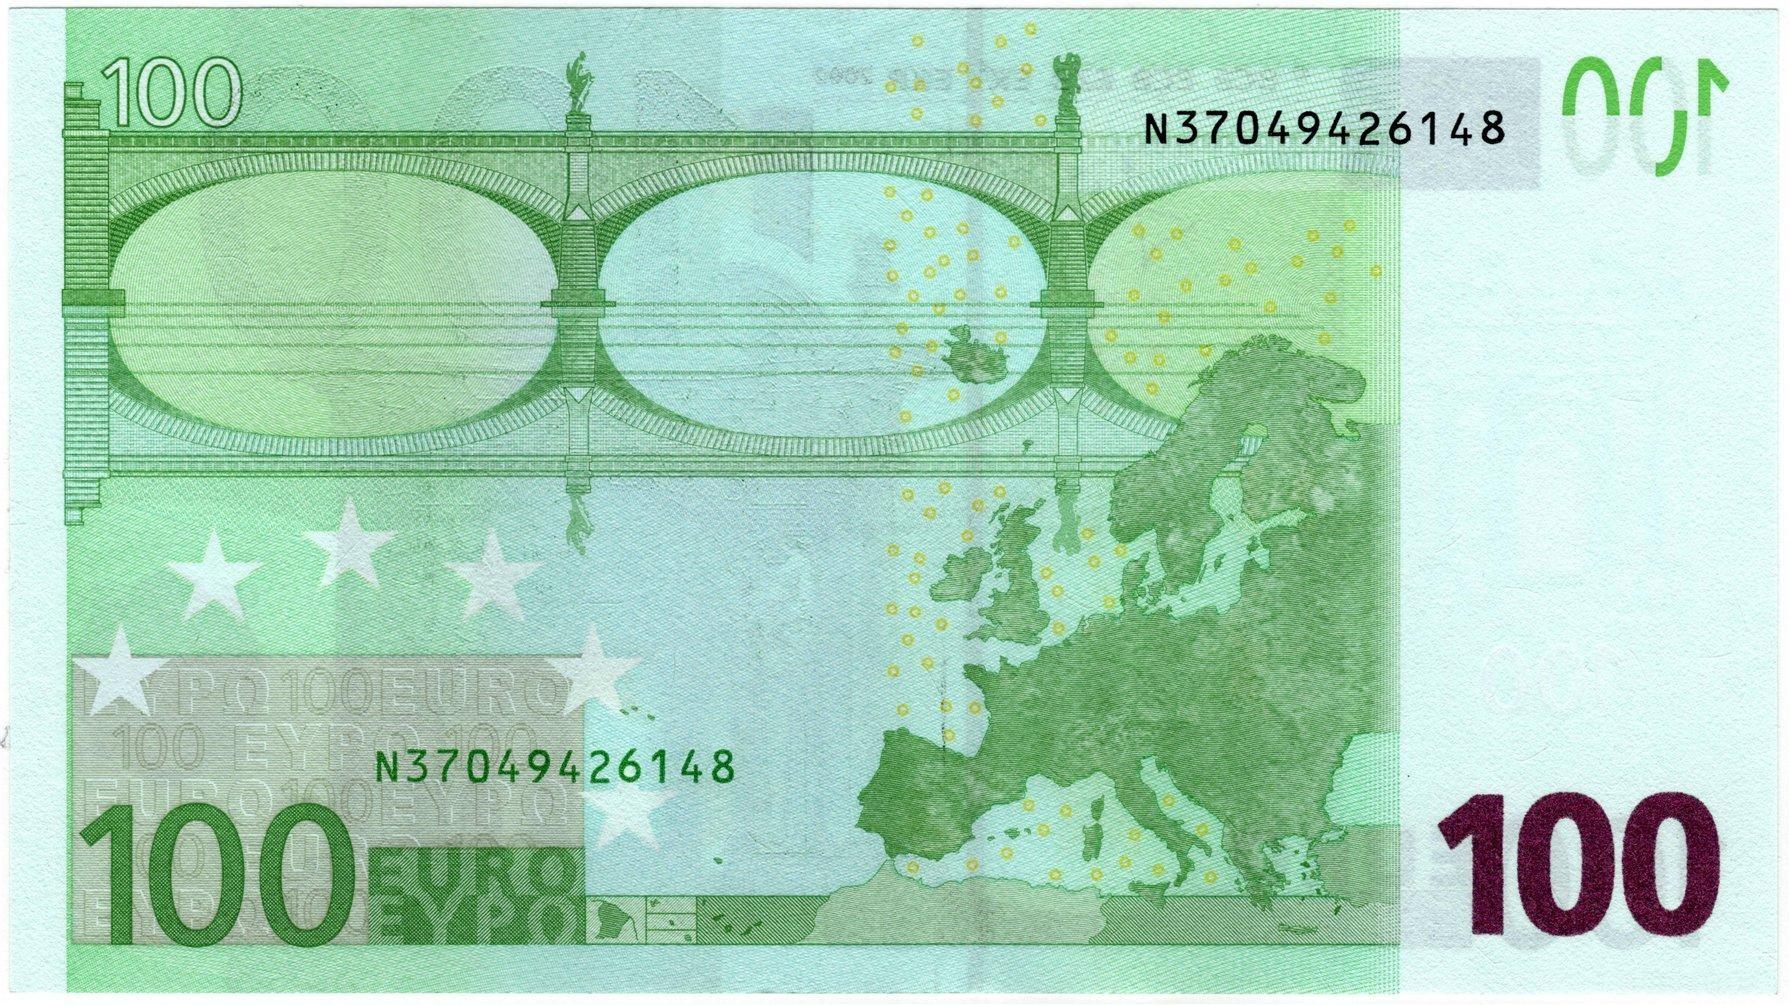 Банкнота 2002 года номиналом 100 евро: цвет – зеленый, архитектурный стиль – барокко. Источник https://zverinfo.ru/